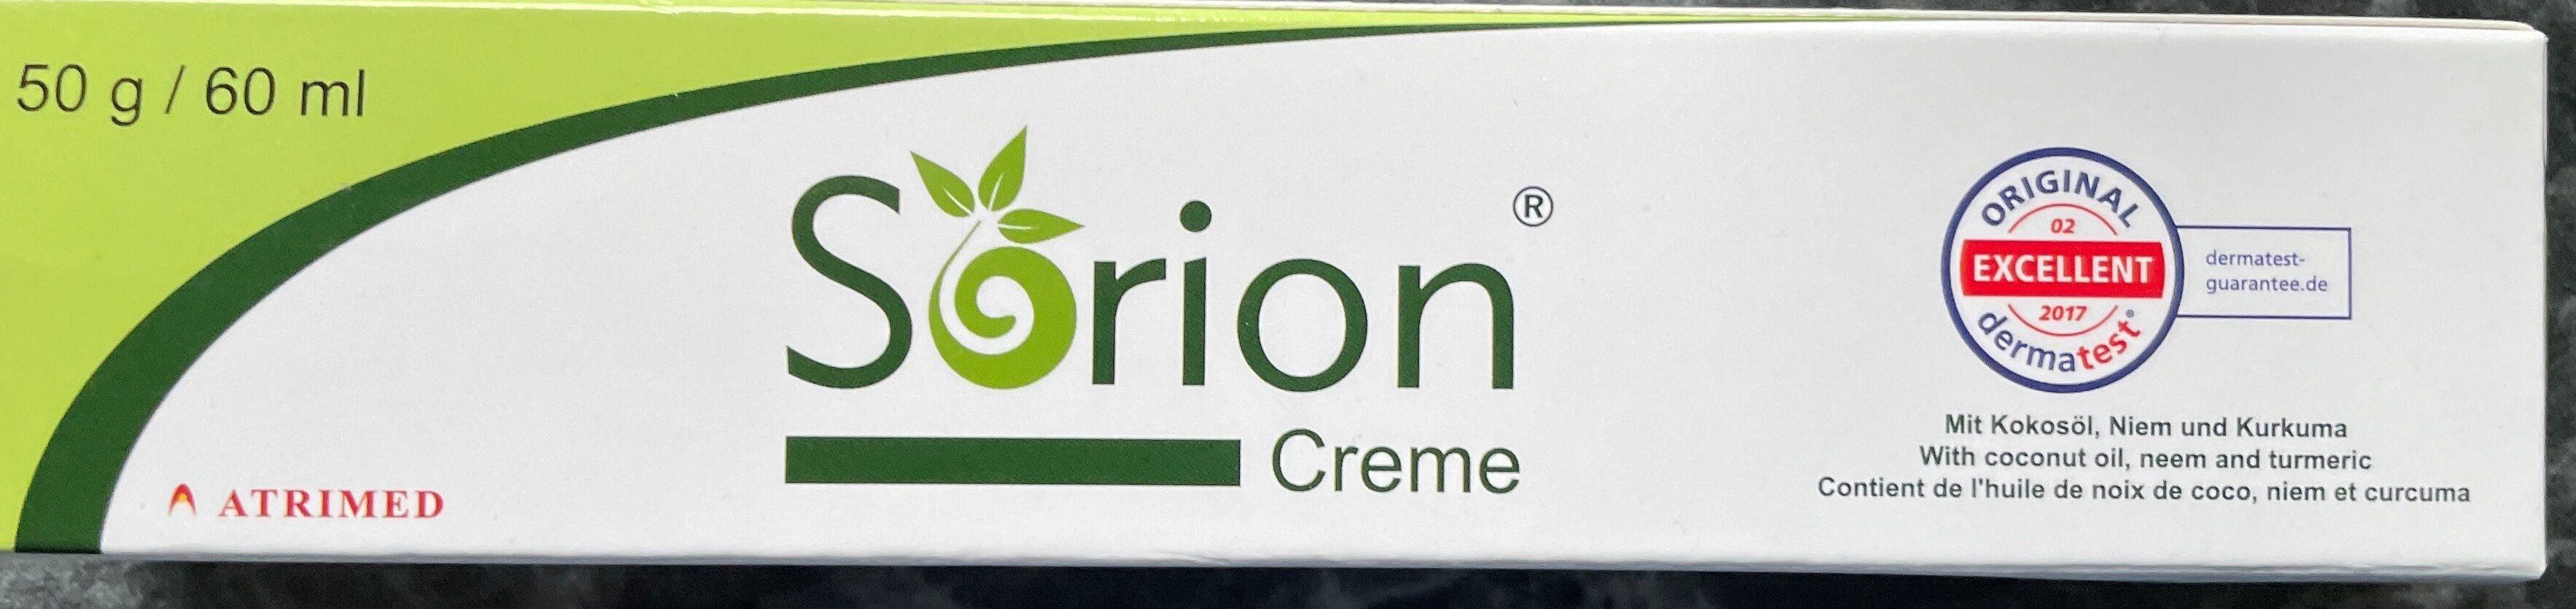 Sorion Creme - Product - de